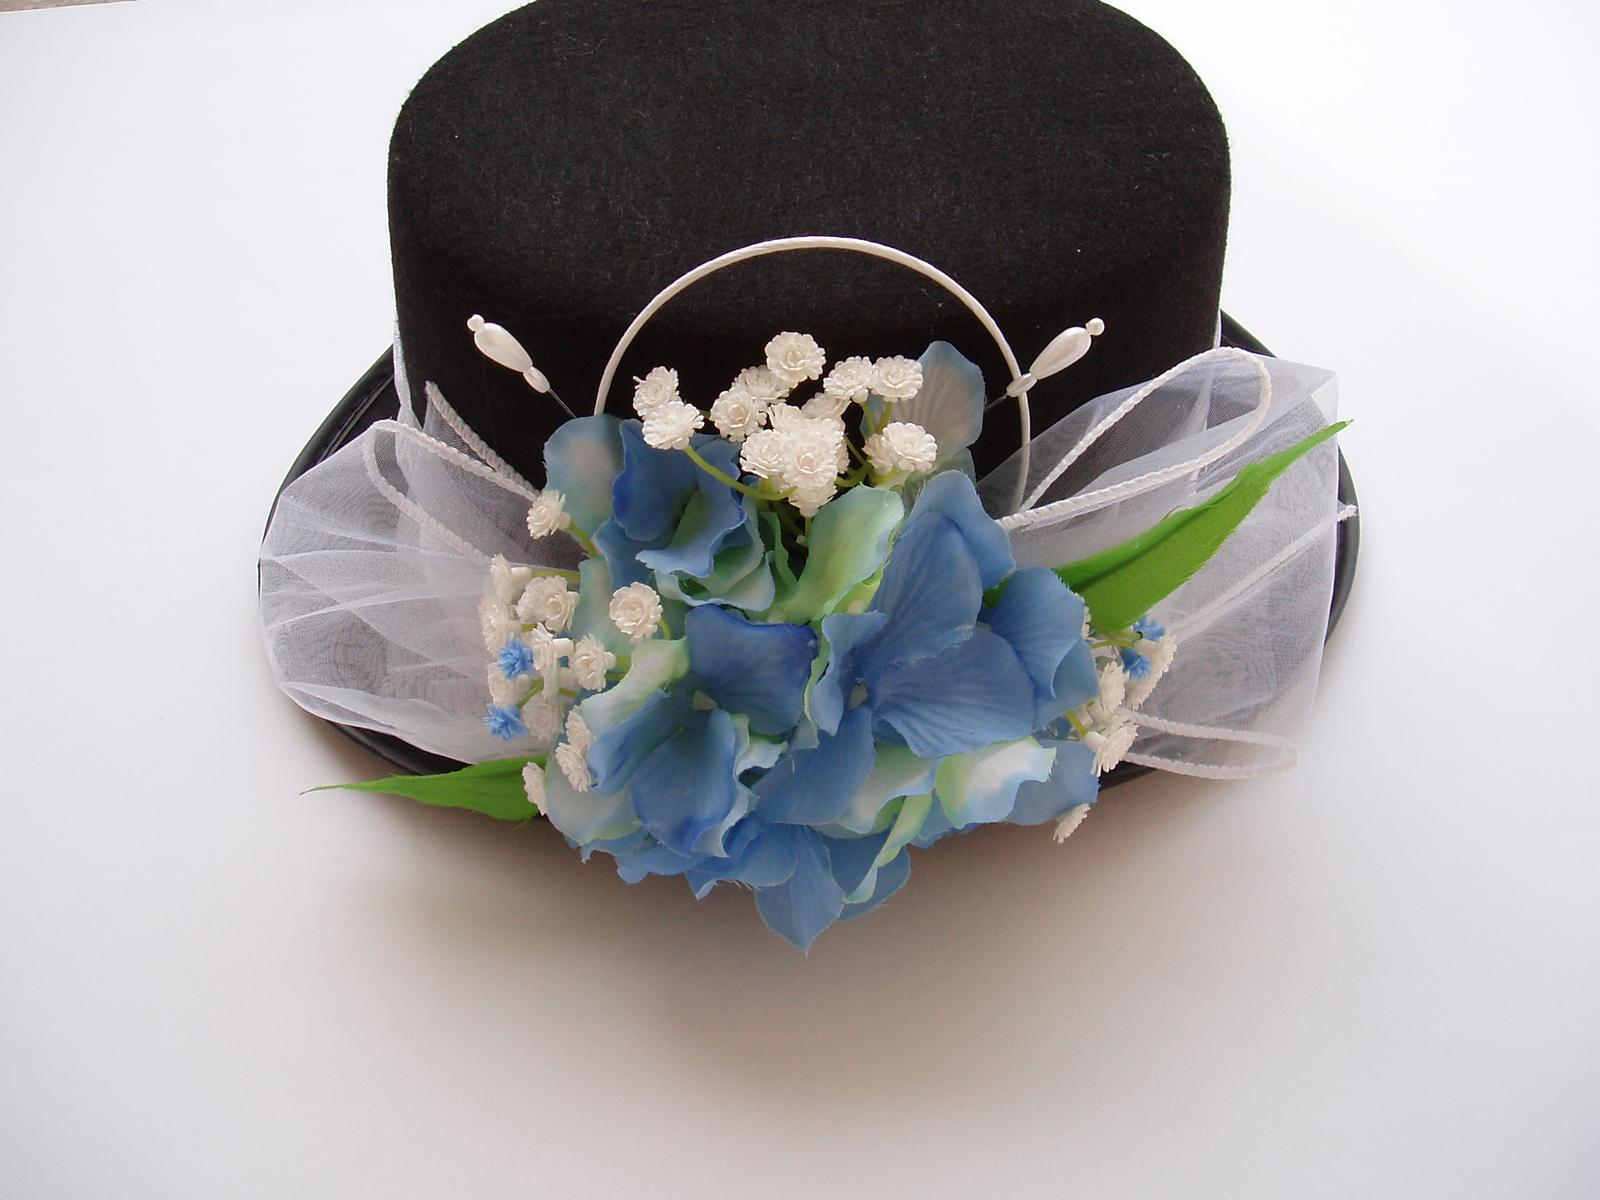 cylindr-modré hortenzie - Obrázek č. 1